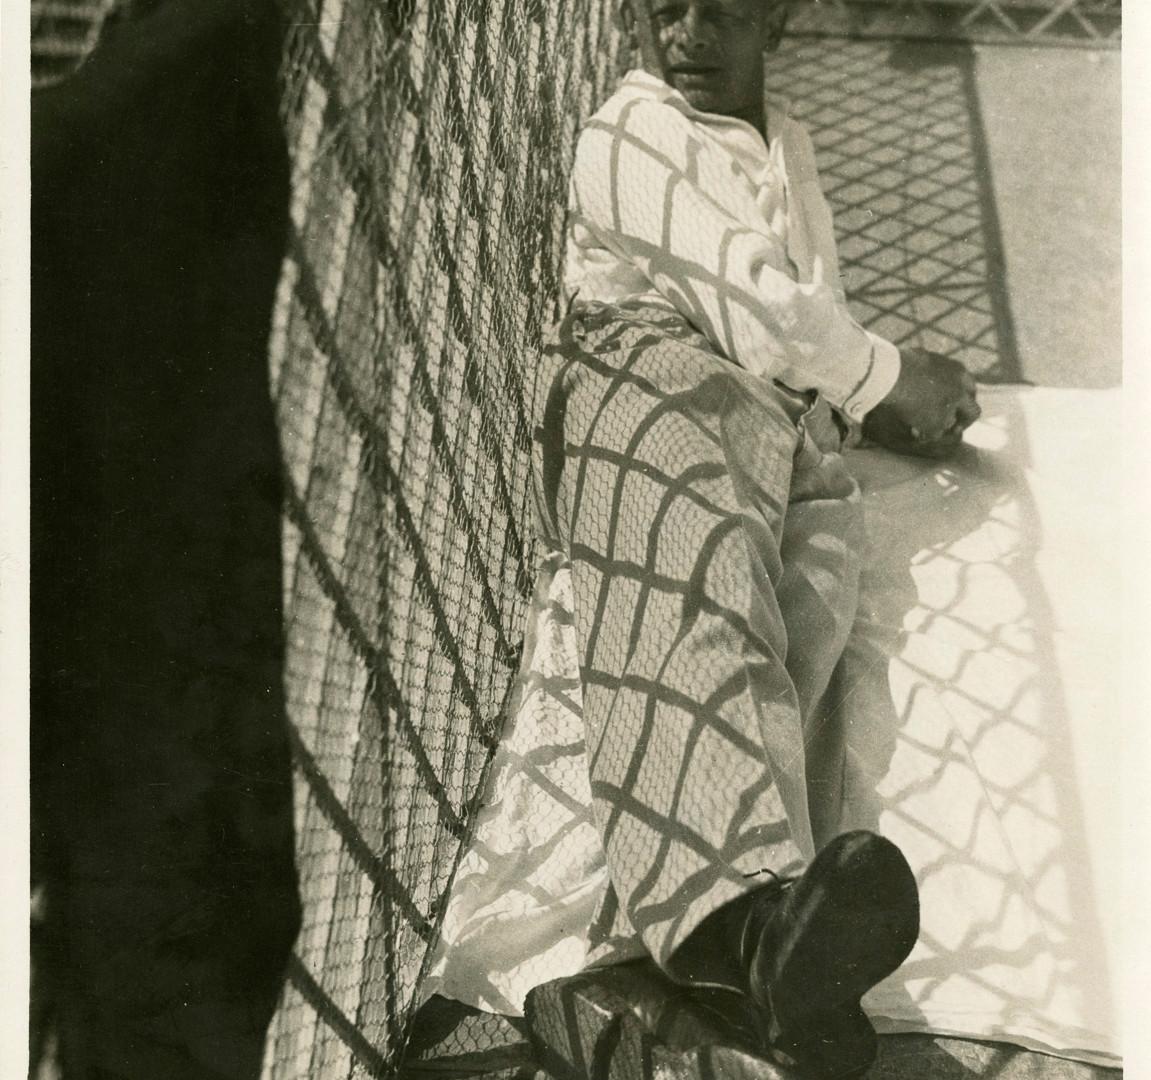 Laszlo Moholy-Nagy, Oskar Schlemmer, 1927